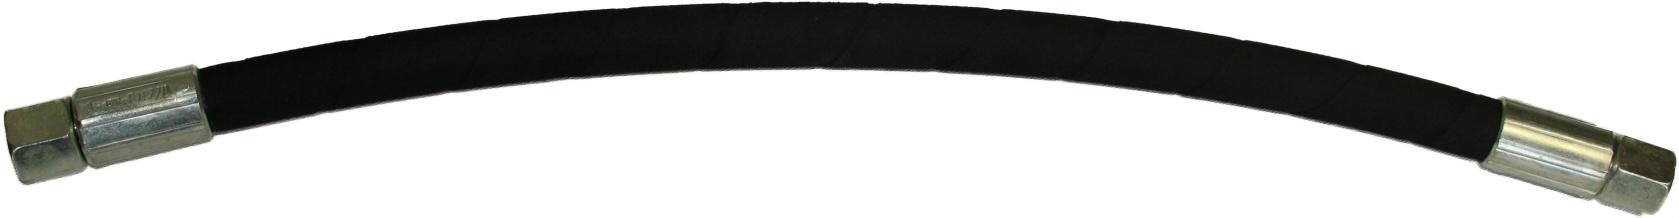 Füllschlauch DIN4815/4 1000mm 2x DKJ3/4